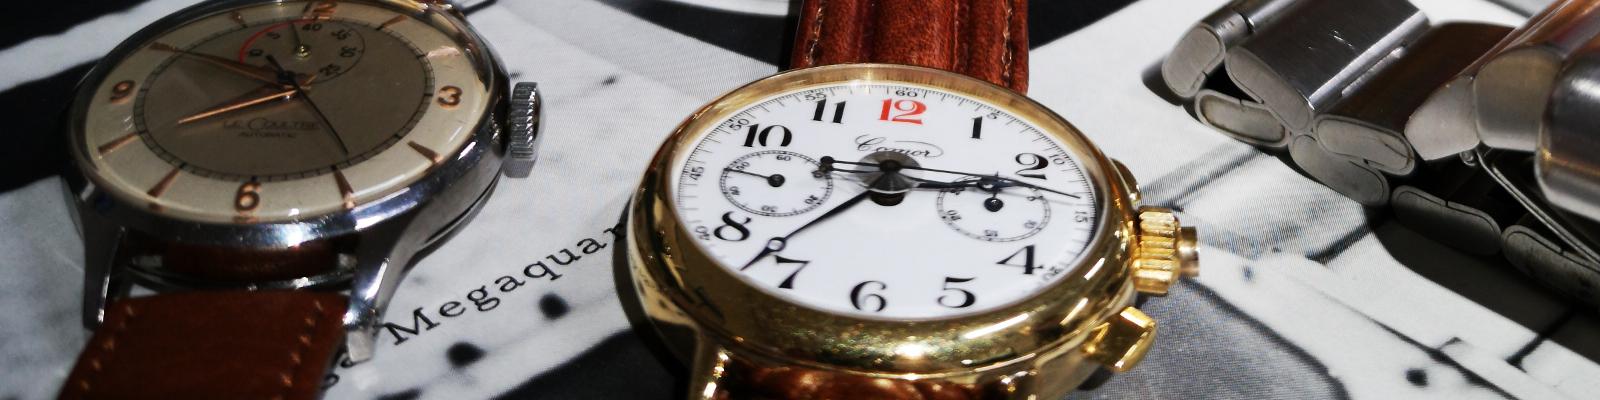 Vintage Uhren